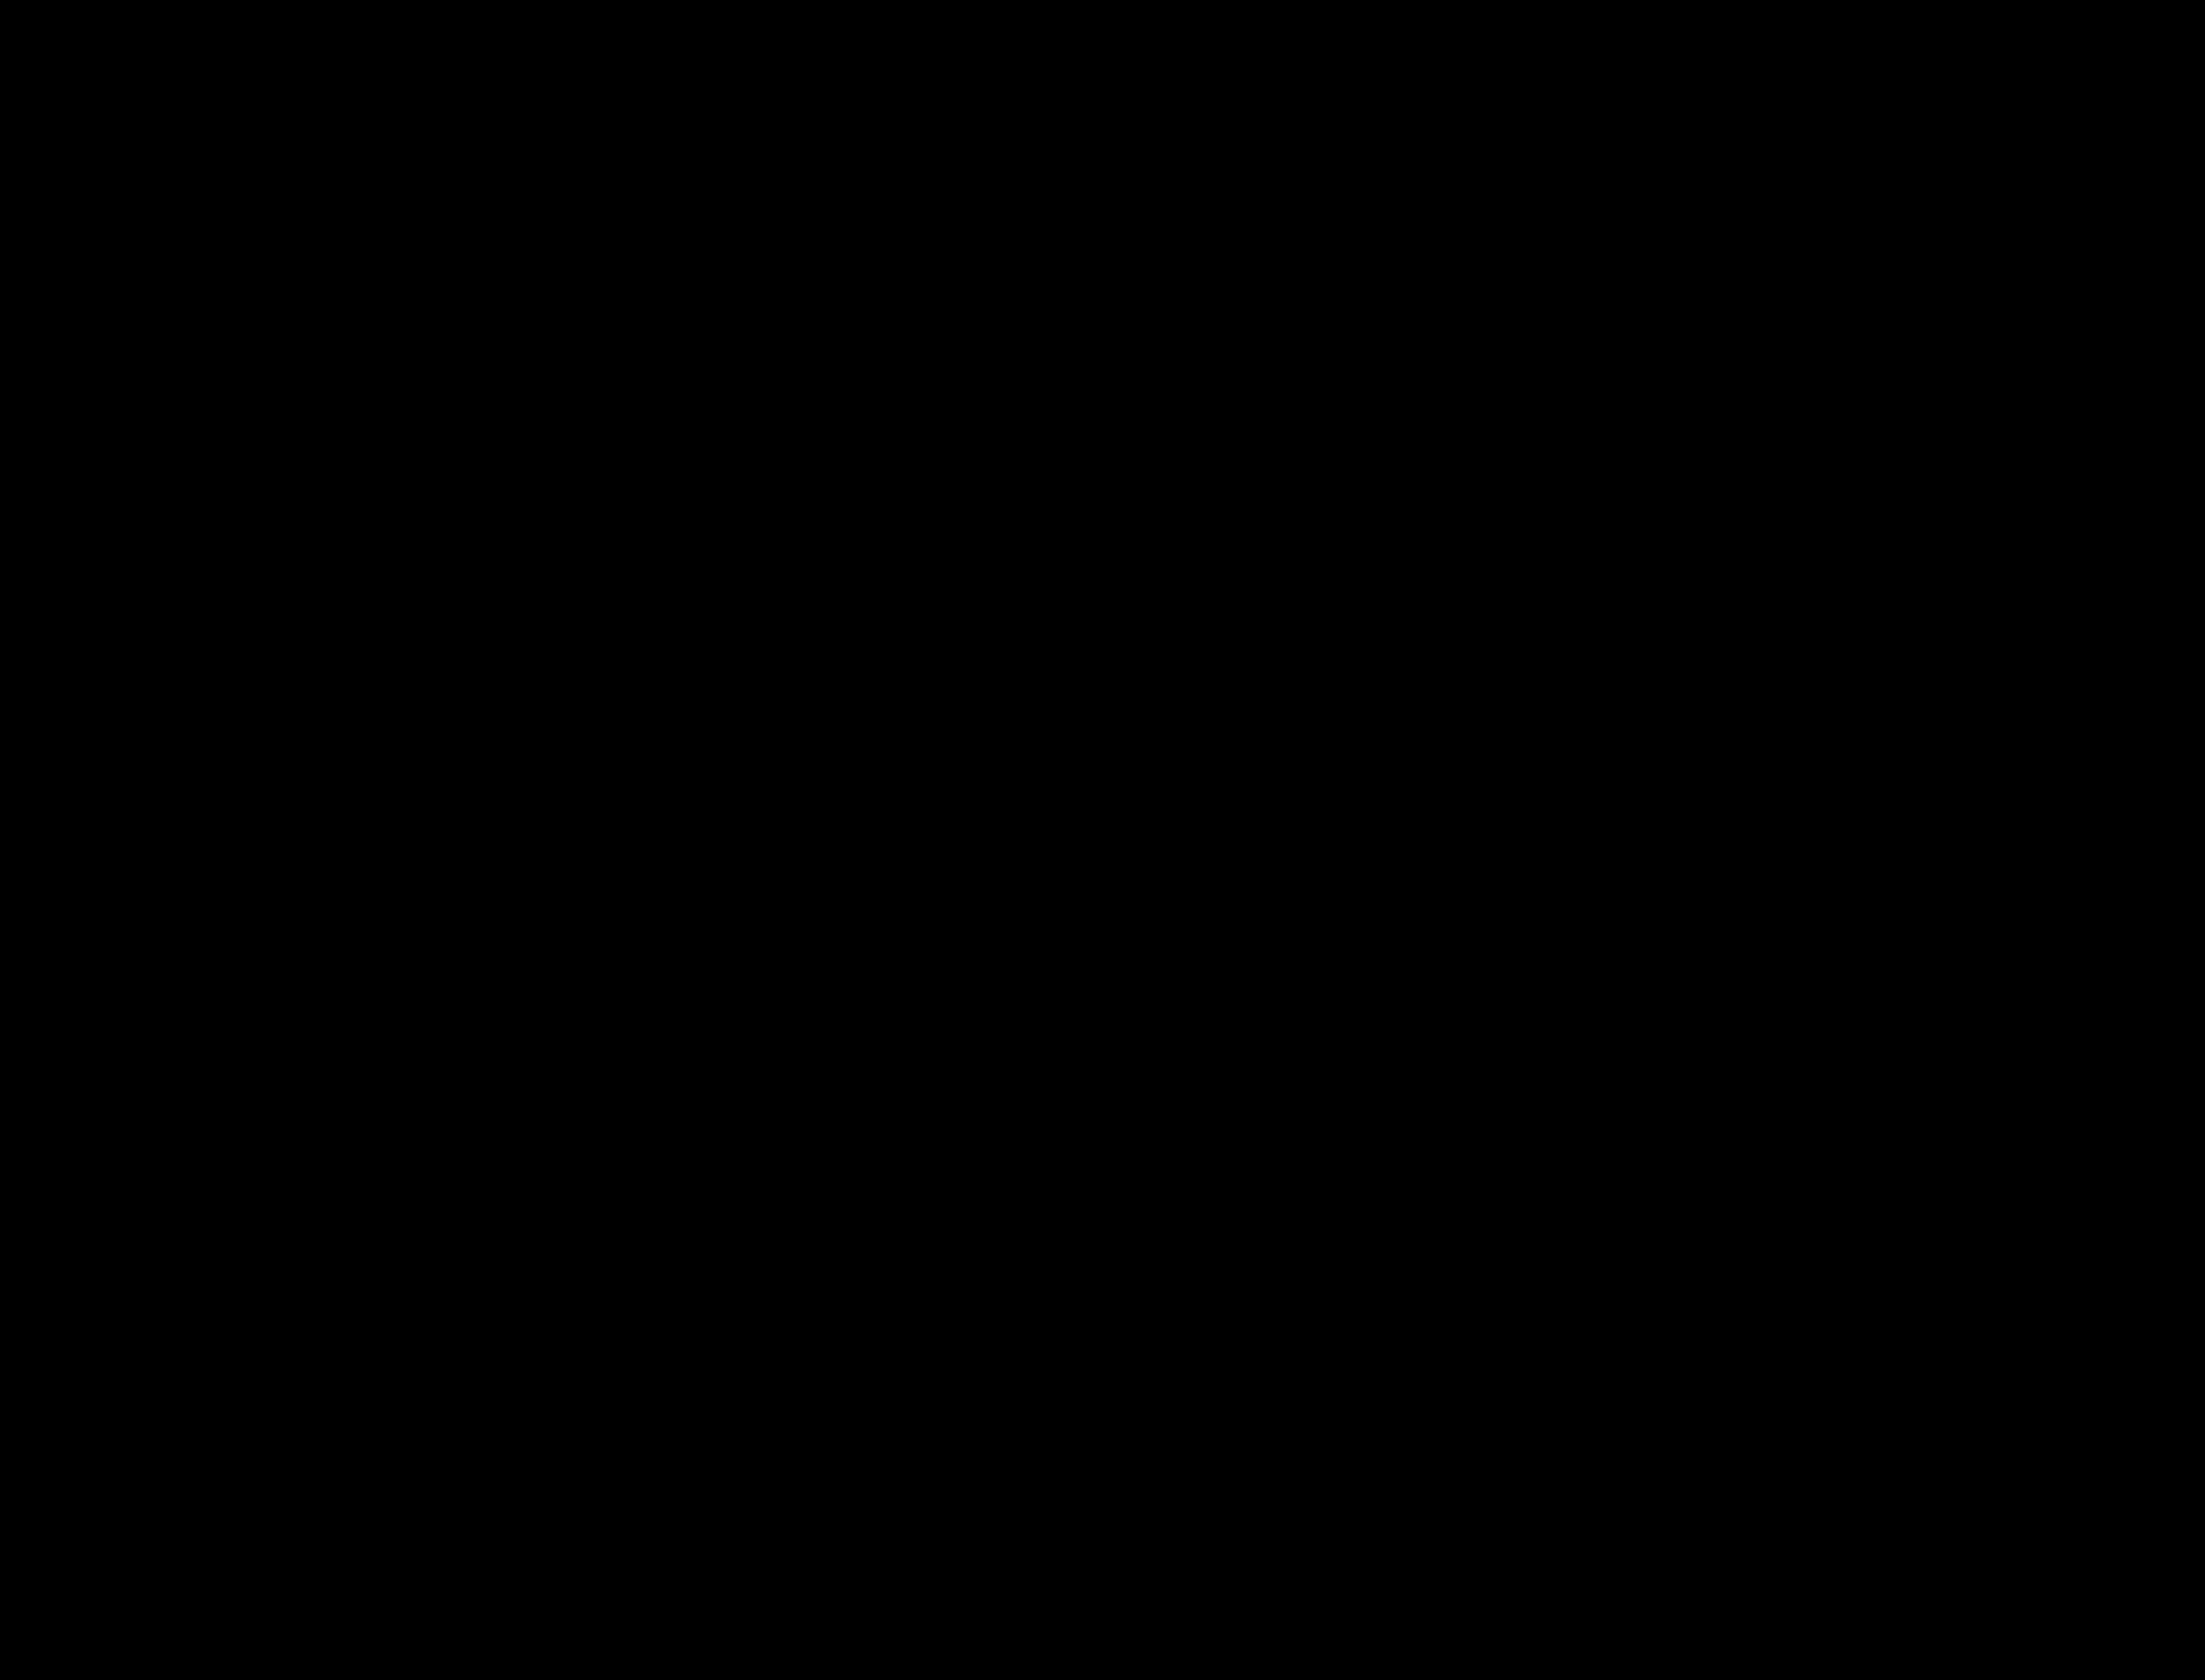 Provincia De Zamora Mapa.Archivo Mapa De La Provincia De Zamora 1863 Por Francisco